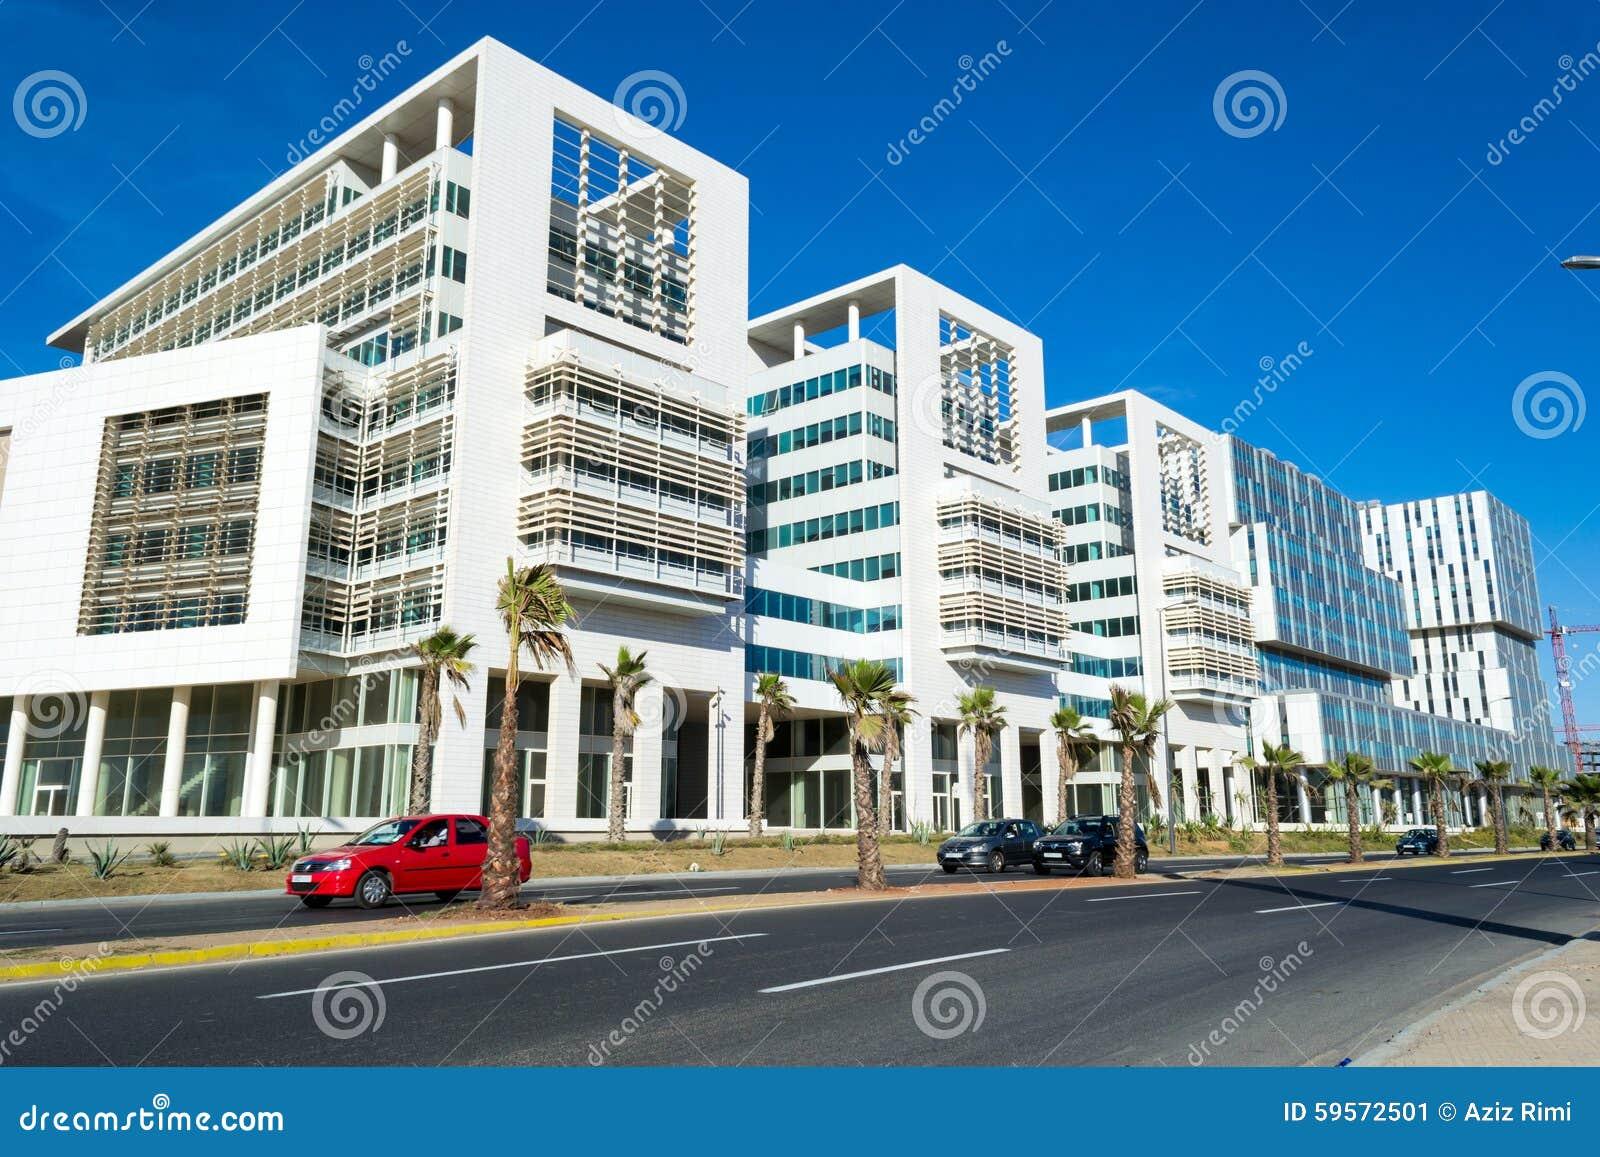 Rue avec les immeubles de bureaux modernes à casablanca #2 image